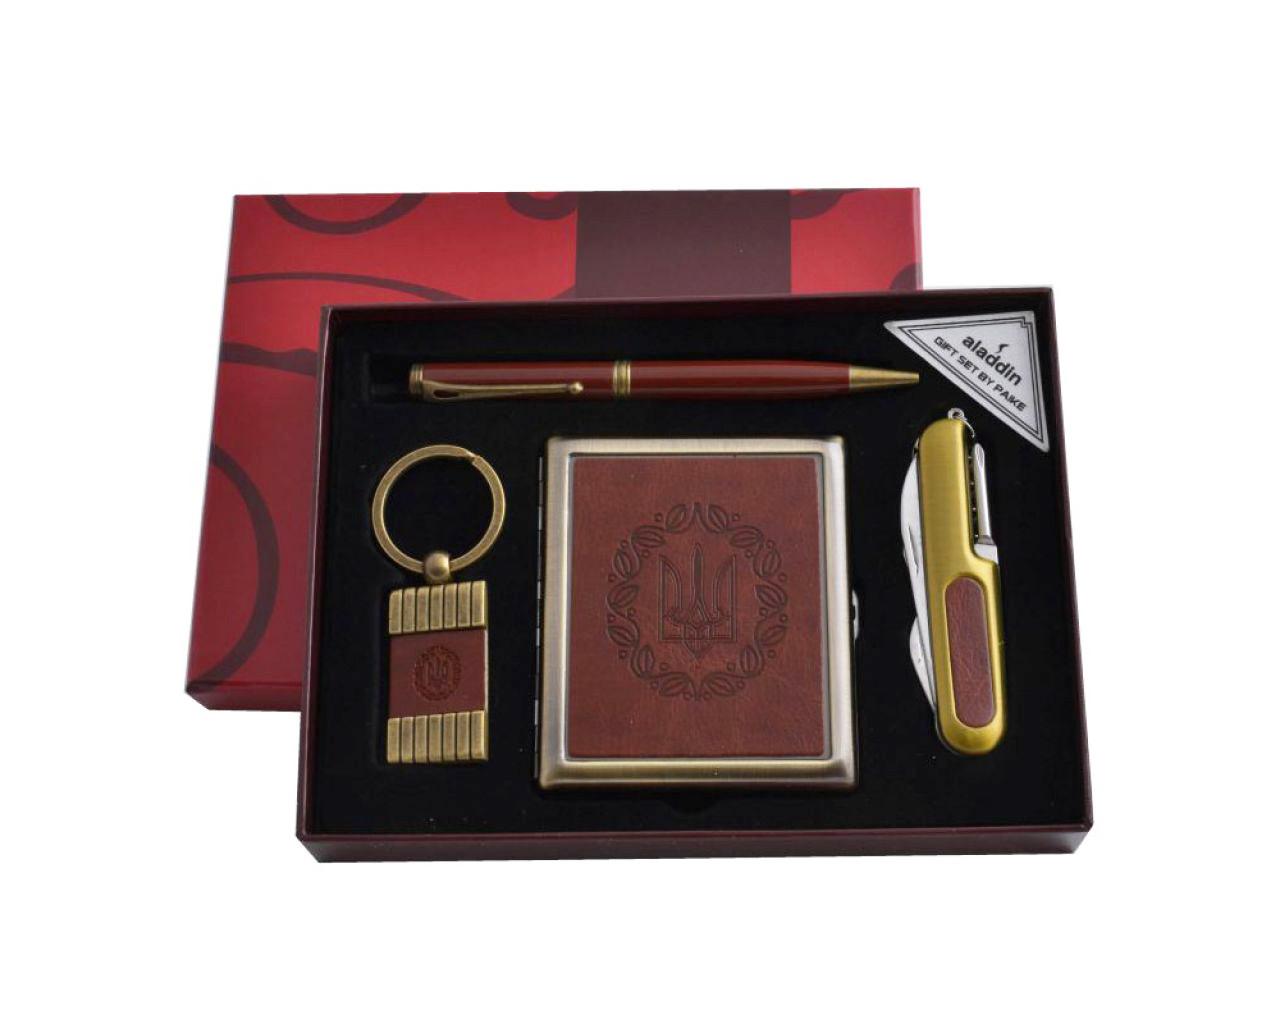 Подарочный набор для мужчины портсигар, складной нож, ручка и брелок Moongrass 4в1